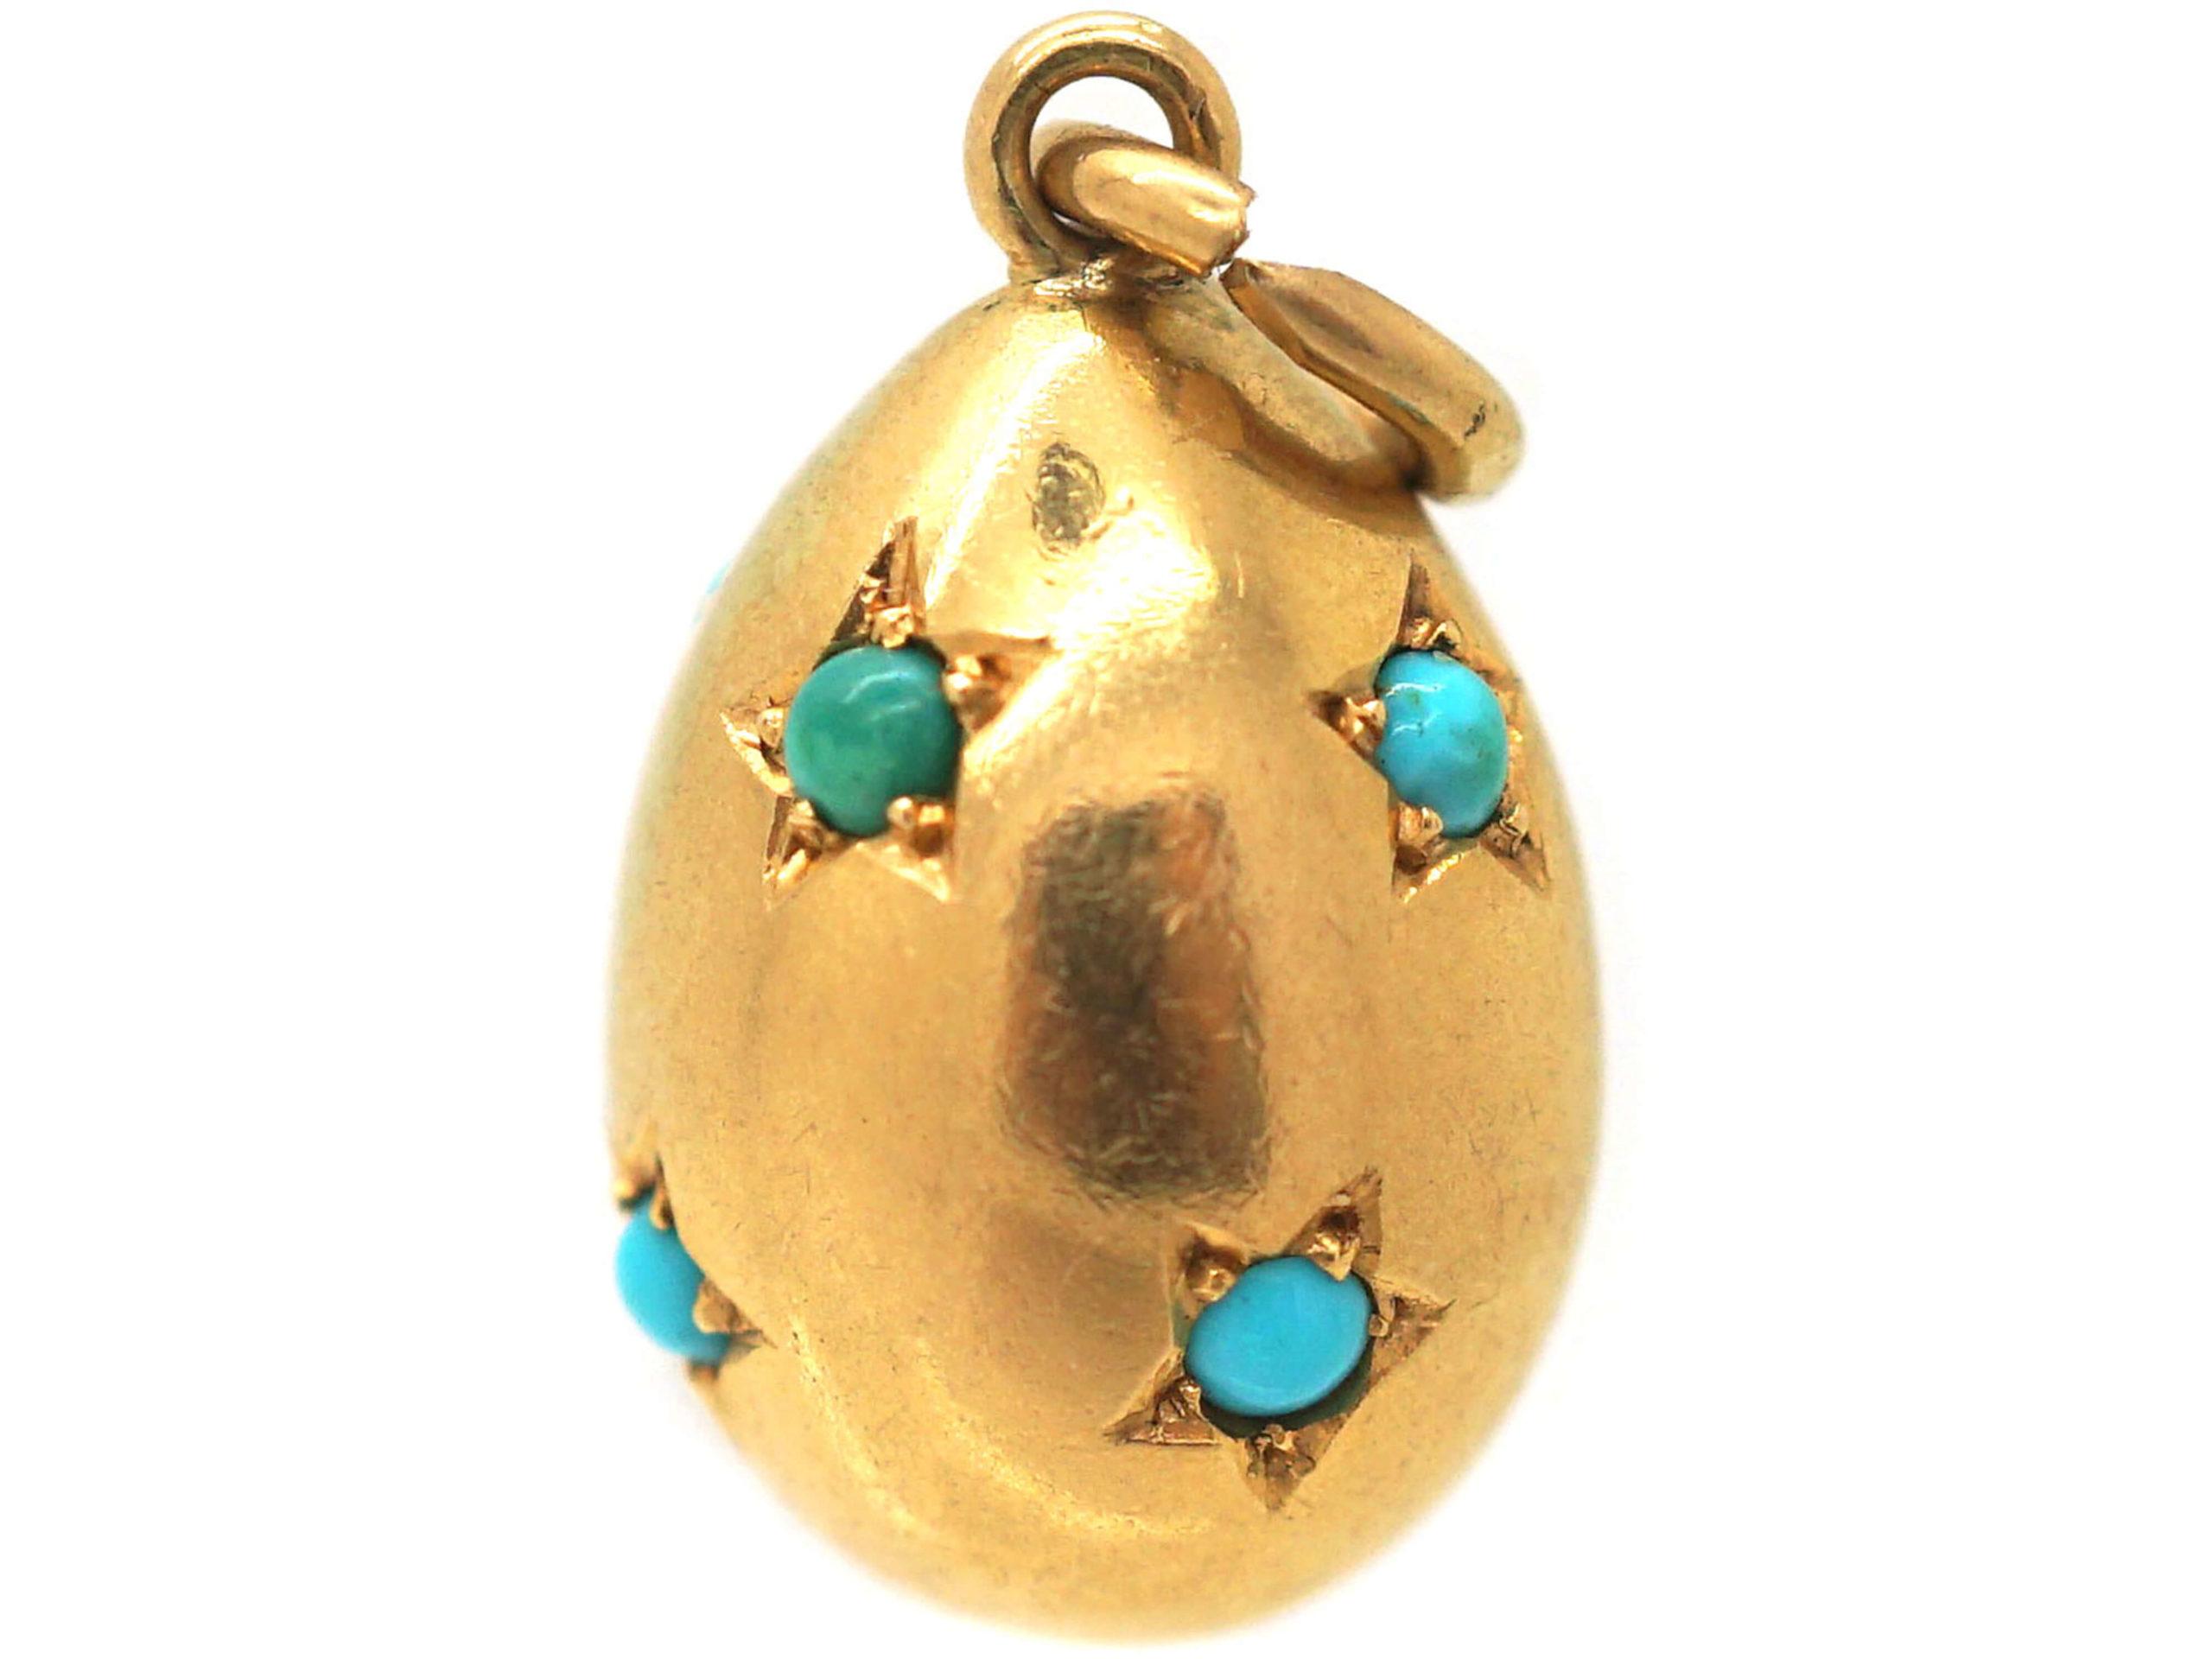 Edwardian 15ct Gold Egg Pendant set with Turquoise